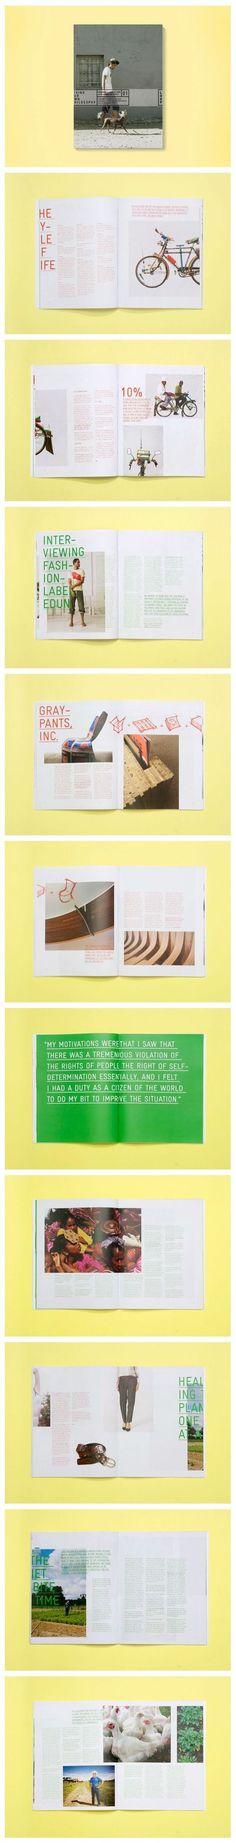 심플한 디자인의 잡지 레이아웃